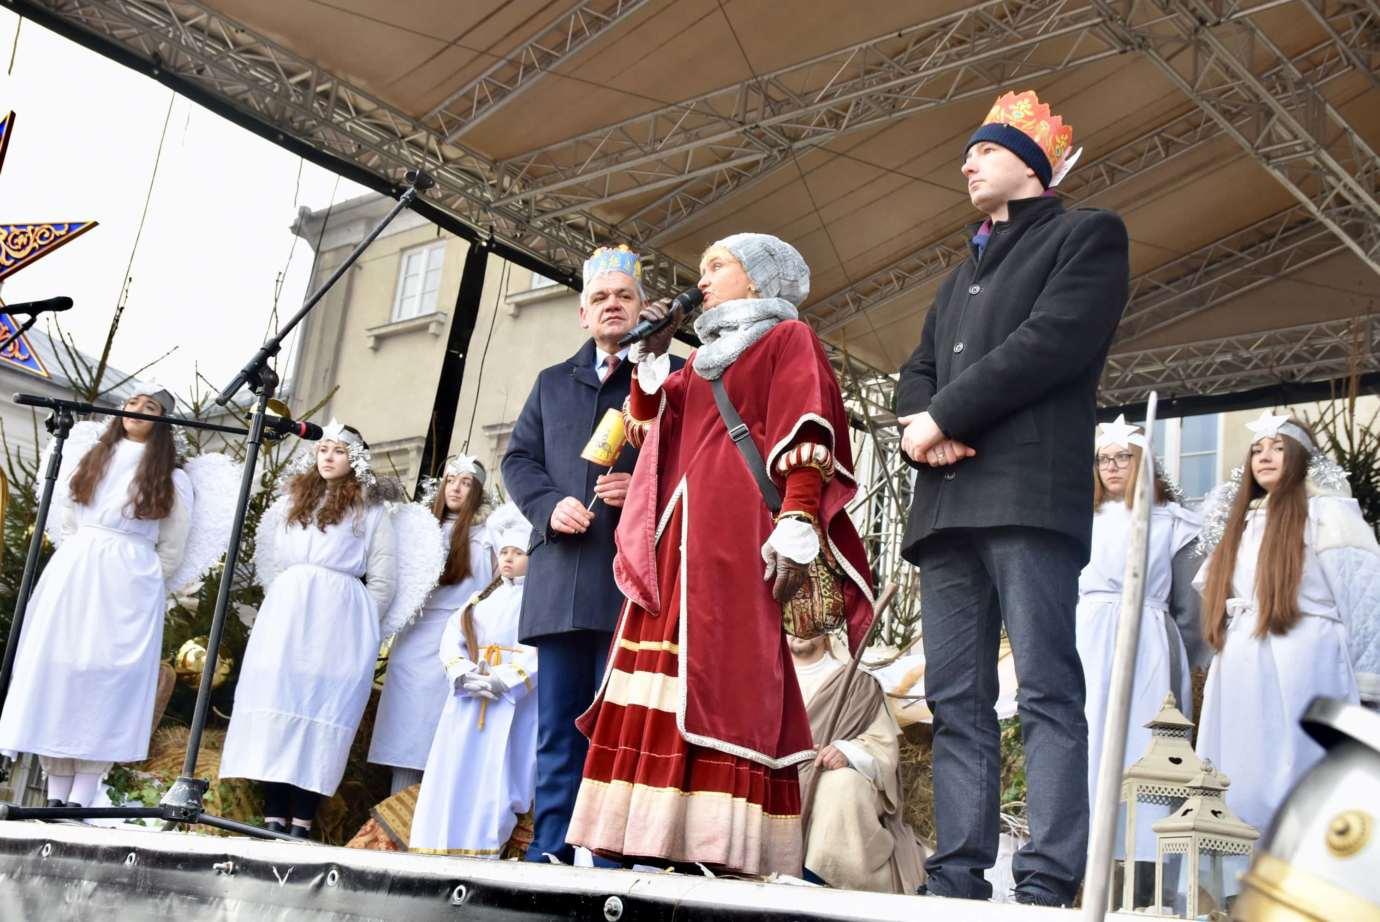 dsc 2473 Rekordowy VI Orszak Trzech Króli w Zamościu -